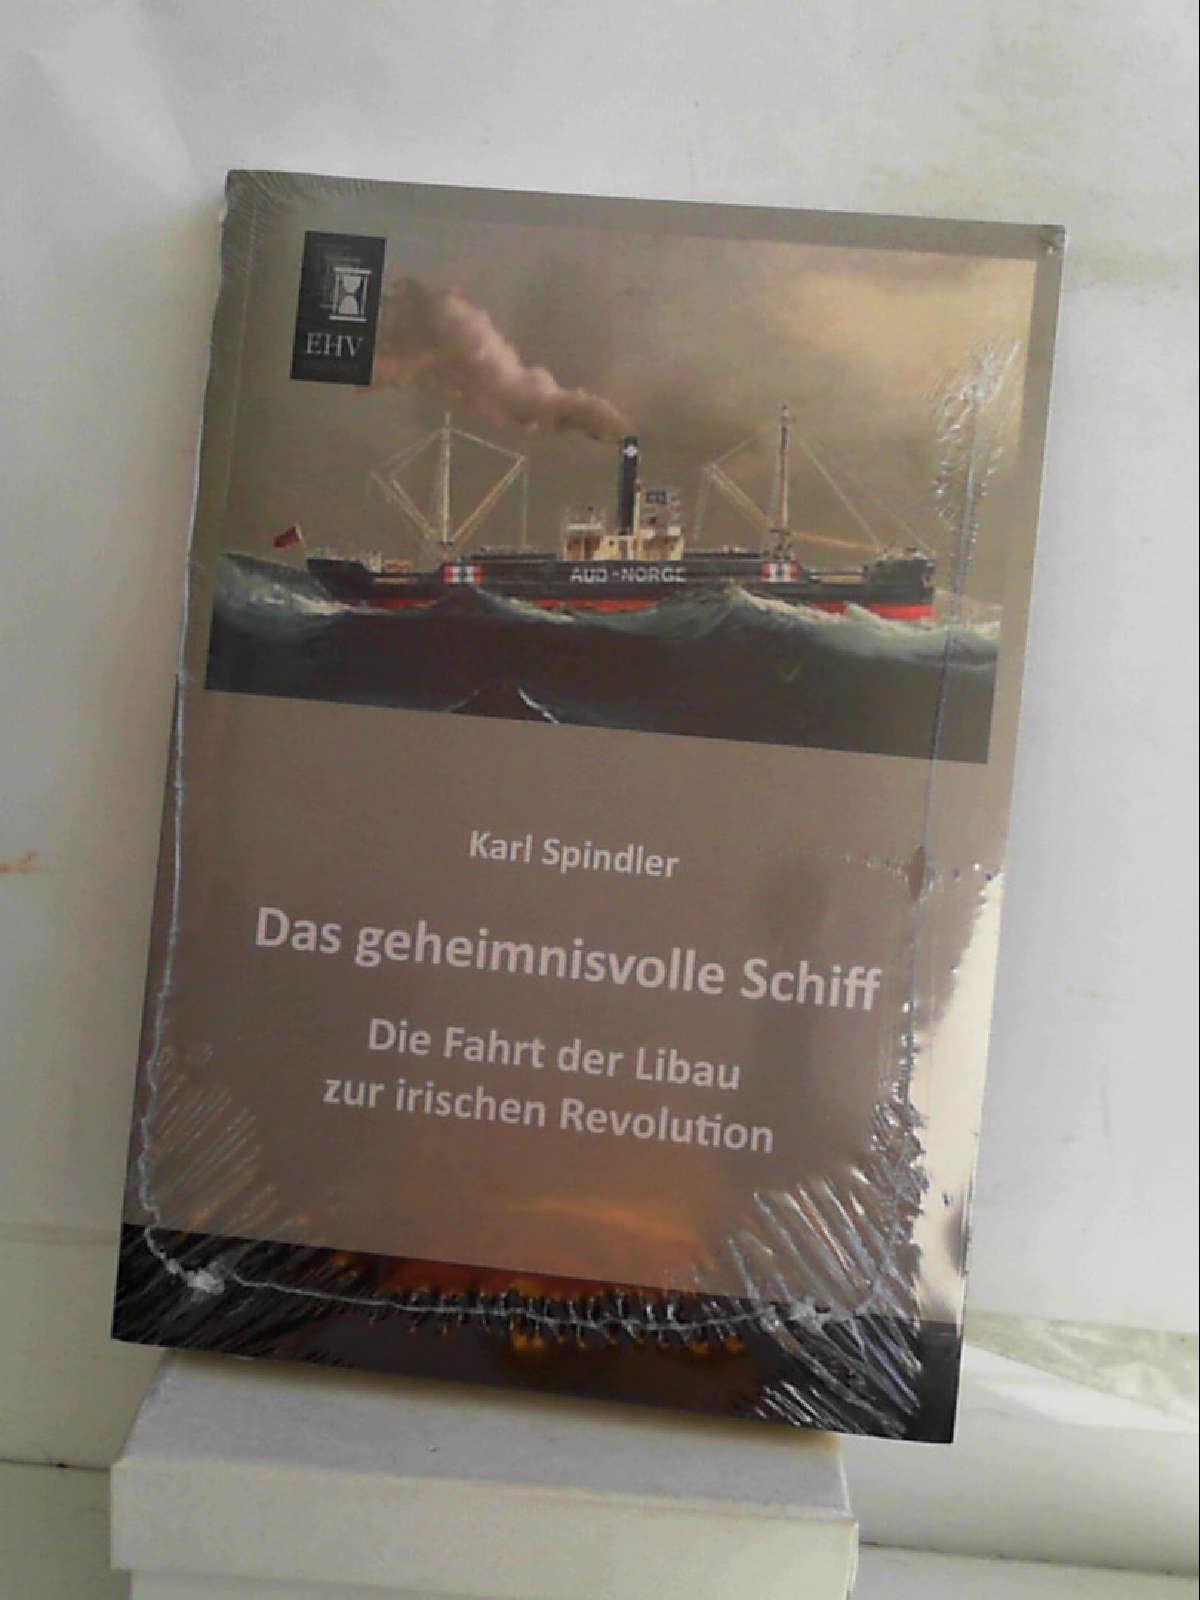 Das geheimnisvolle Schiff: Die Fahrt der Libau zur irischen Revolution [Paperback] Spindler, Karl - By (author) Karl Jansen